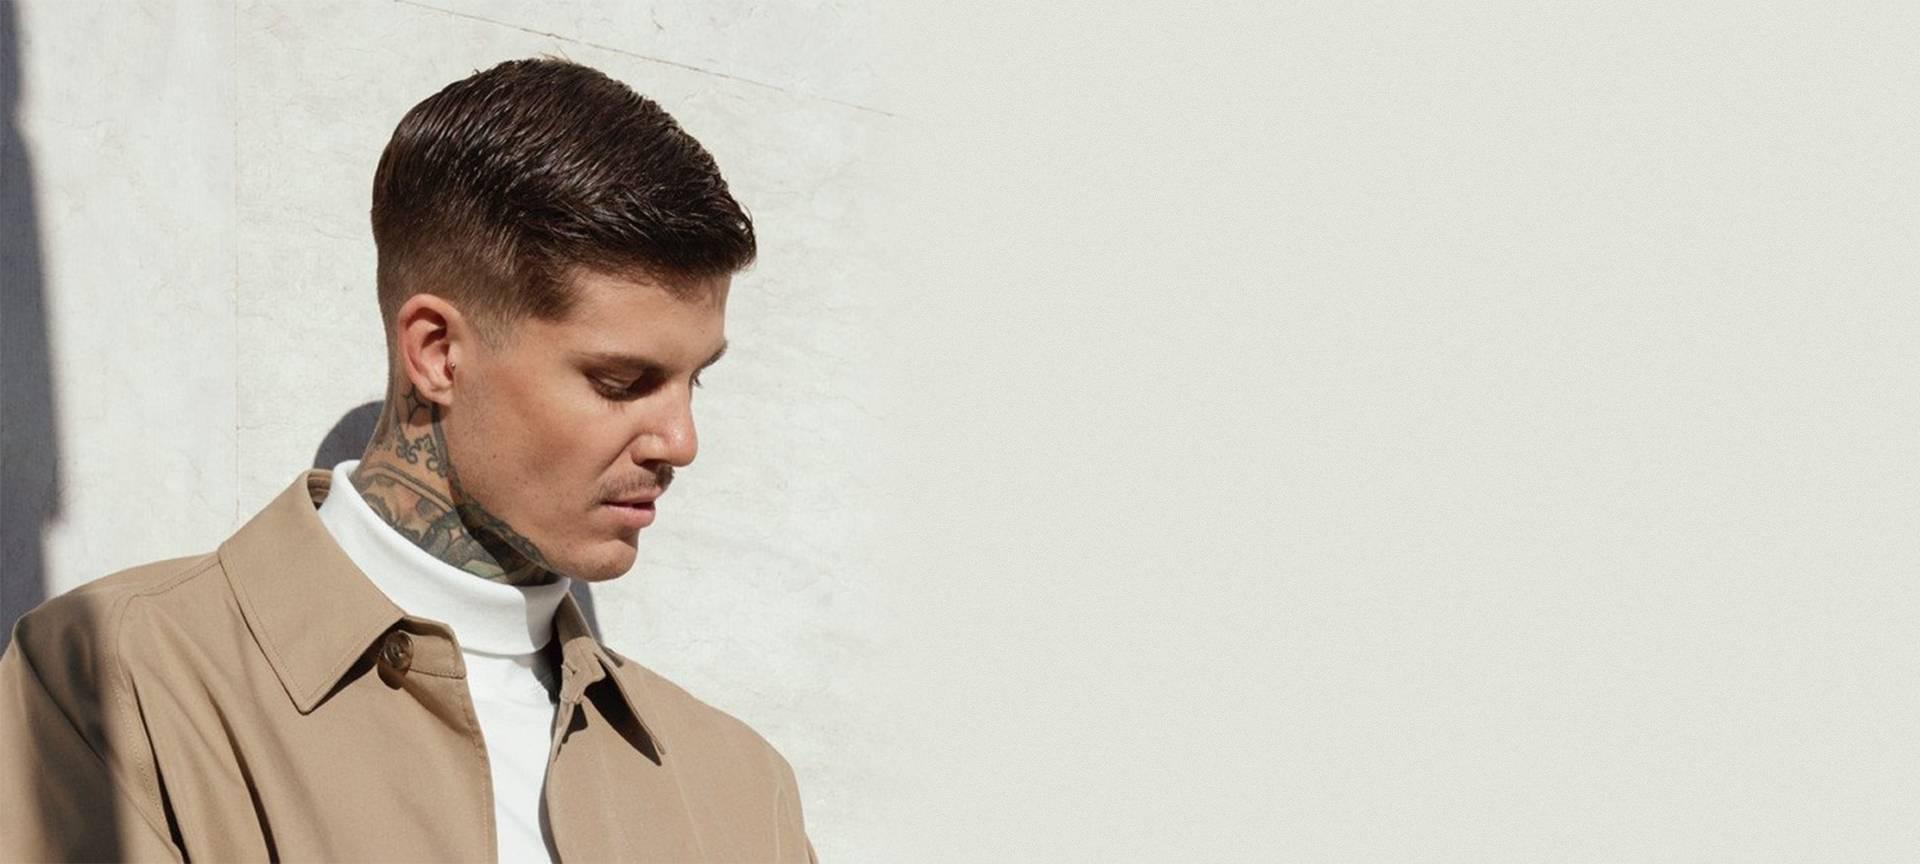 Haare männer stylingtipps für Dünne Haare